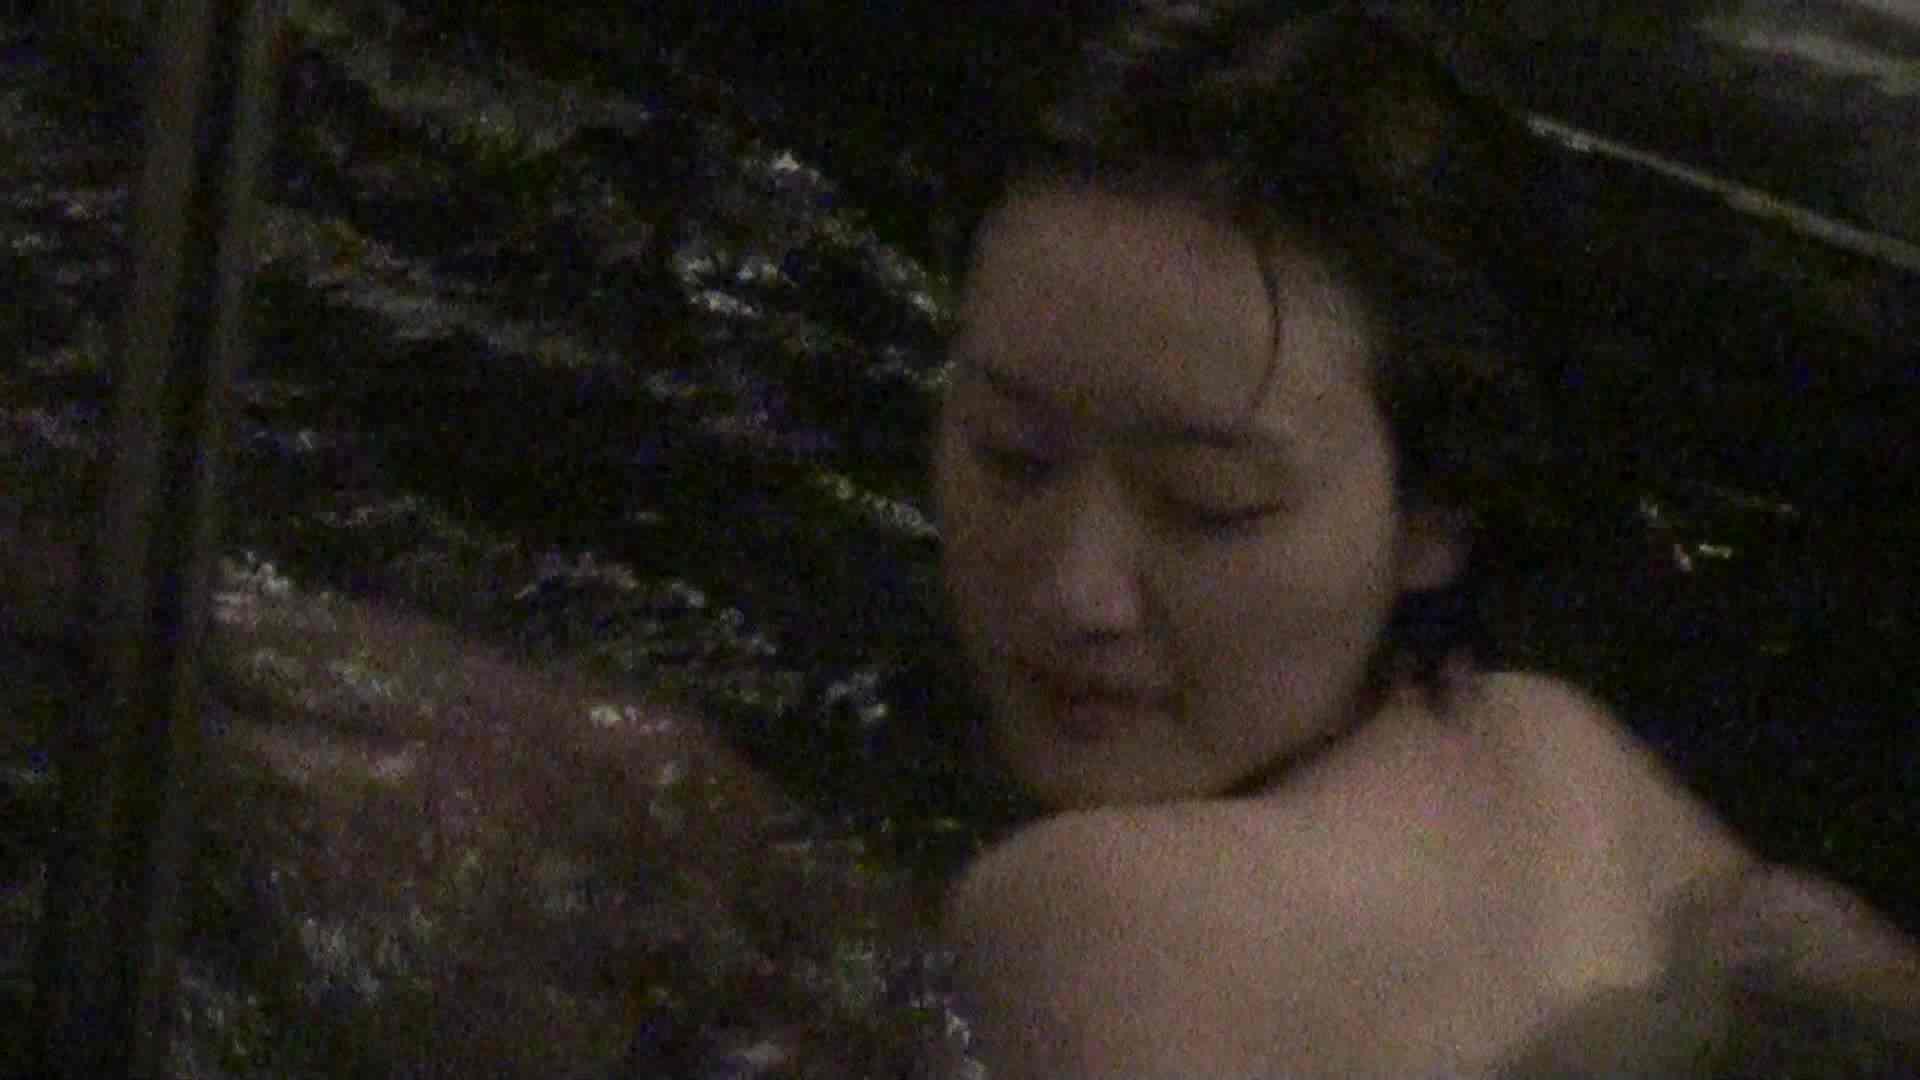 Aquaな露天風呂Vol.334 露天 | 盗撮特集  95画像 29